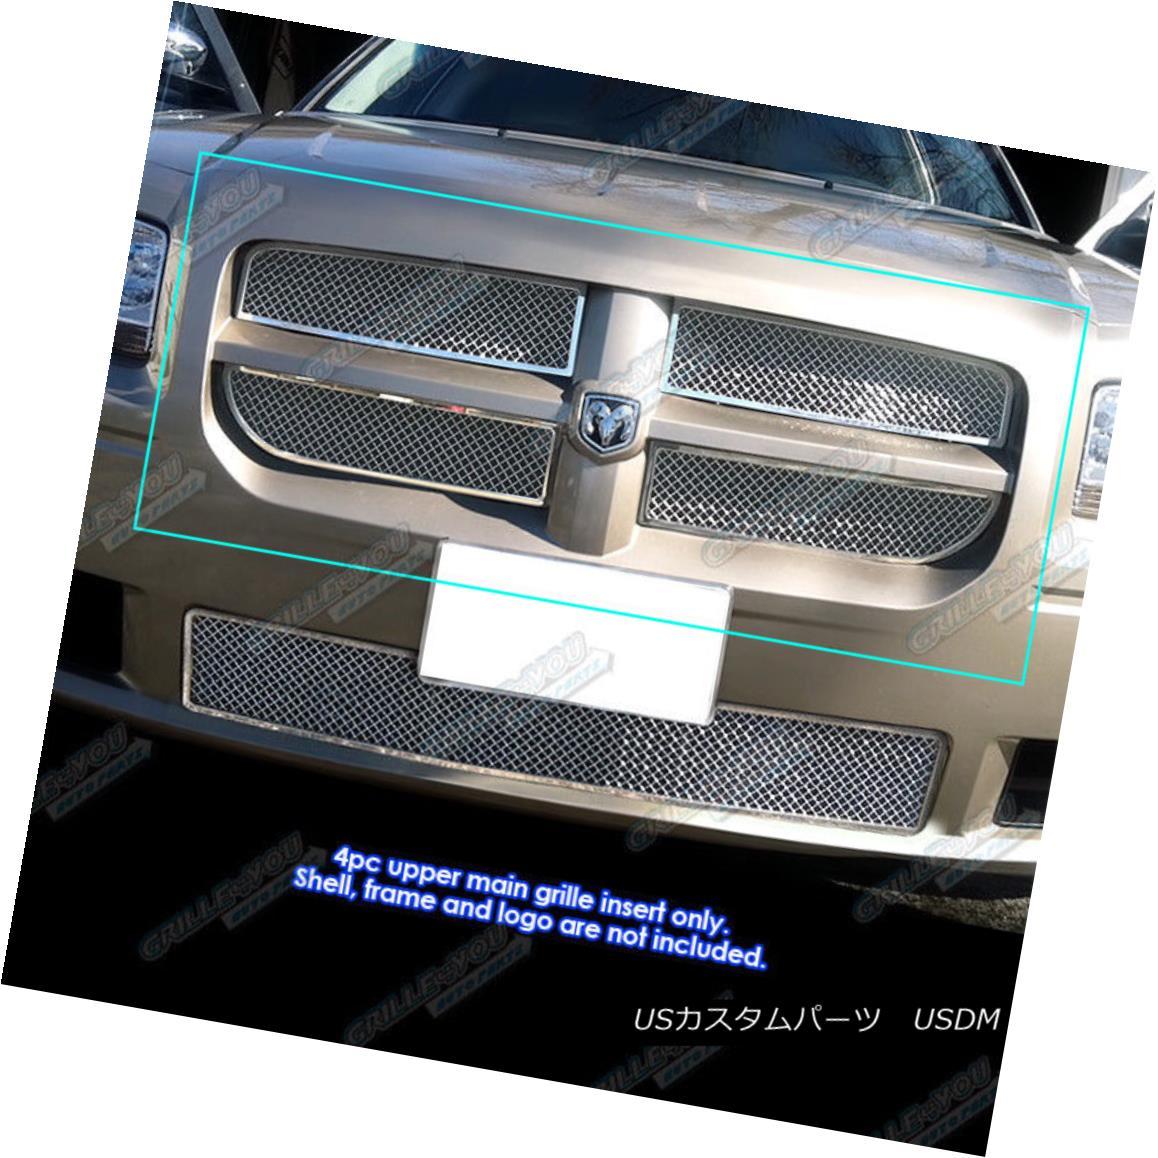 グリル Fits 2008 Dodge Magnum SE SXT R/T Stainless Steel Mesh Grille Grill Insert フィット2008年ダッジマグナムSE SXT R / Tステンレスメッシュグリルグリルインサート